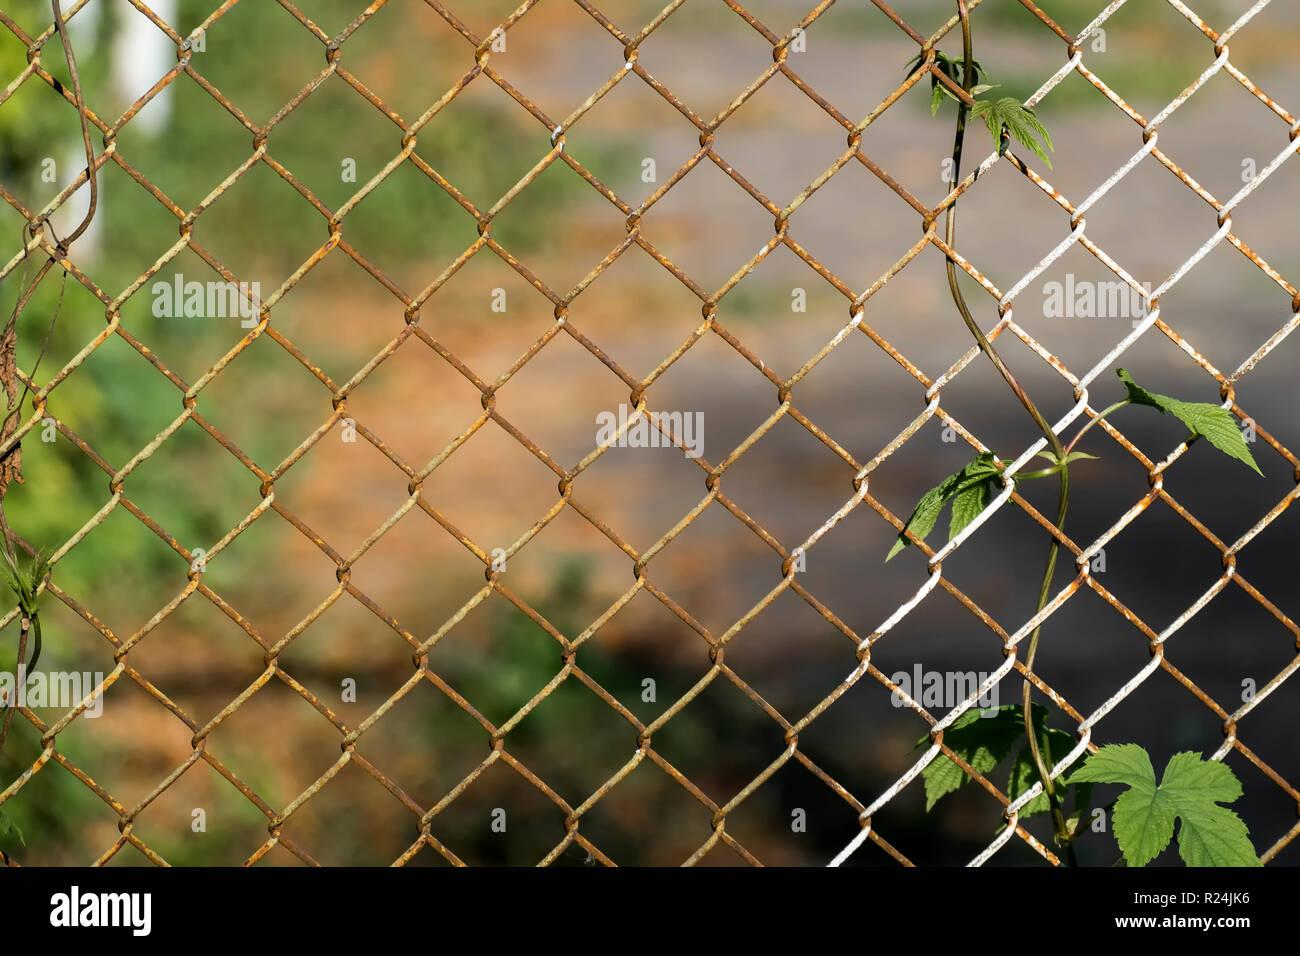 Hintergrund mit gemeinsamen hop und Kette - Zaun Stockfoto ...